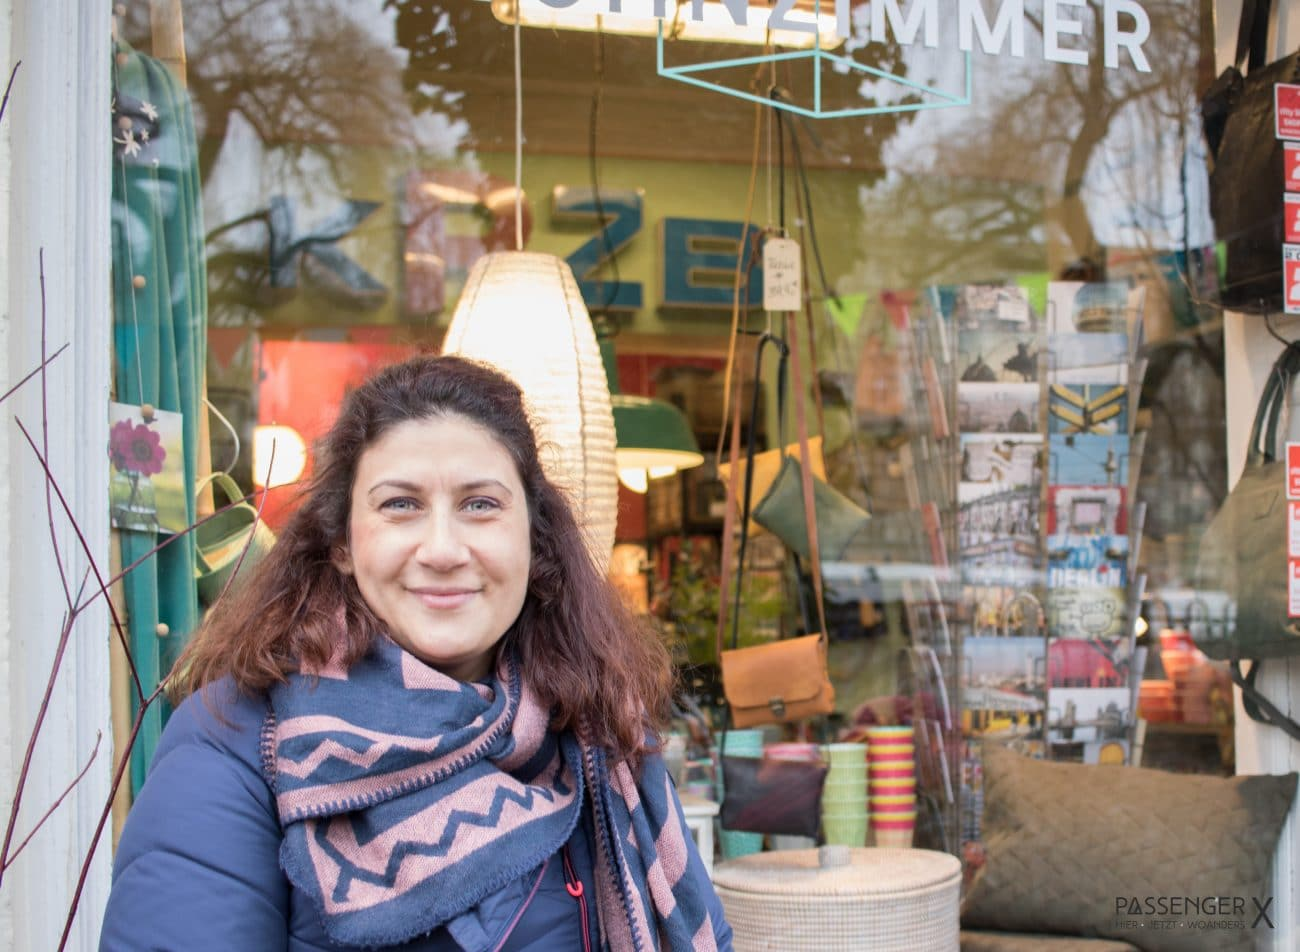 """PASSENGER X Mein Berlin: Kreuzkoelln Tipps von Berna- Der Shop """"Wohnzimmer"""""""